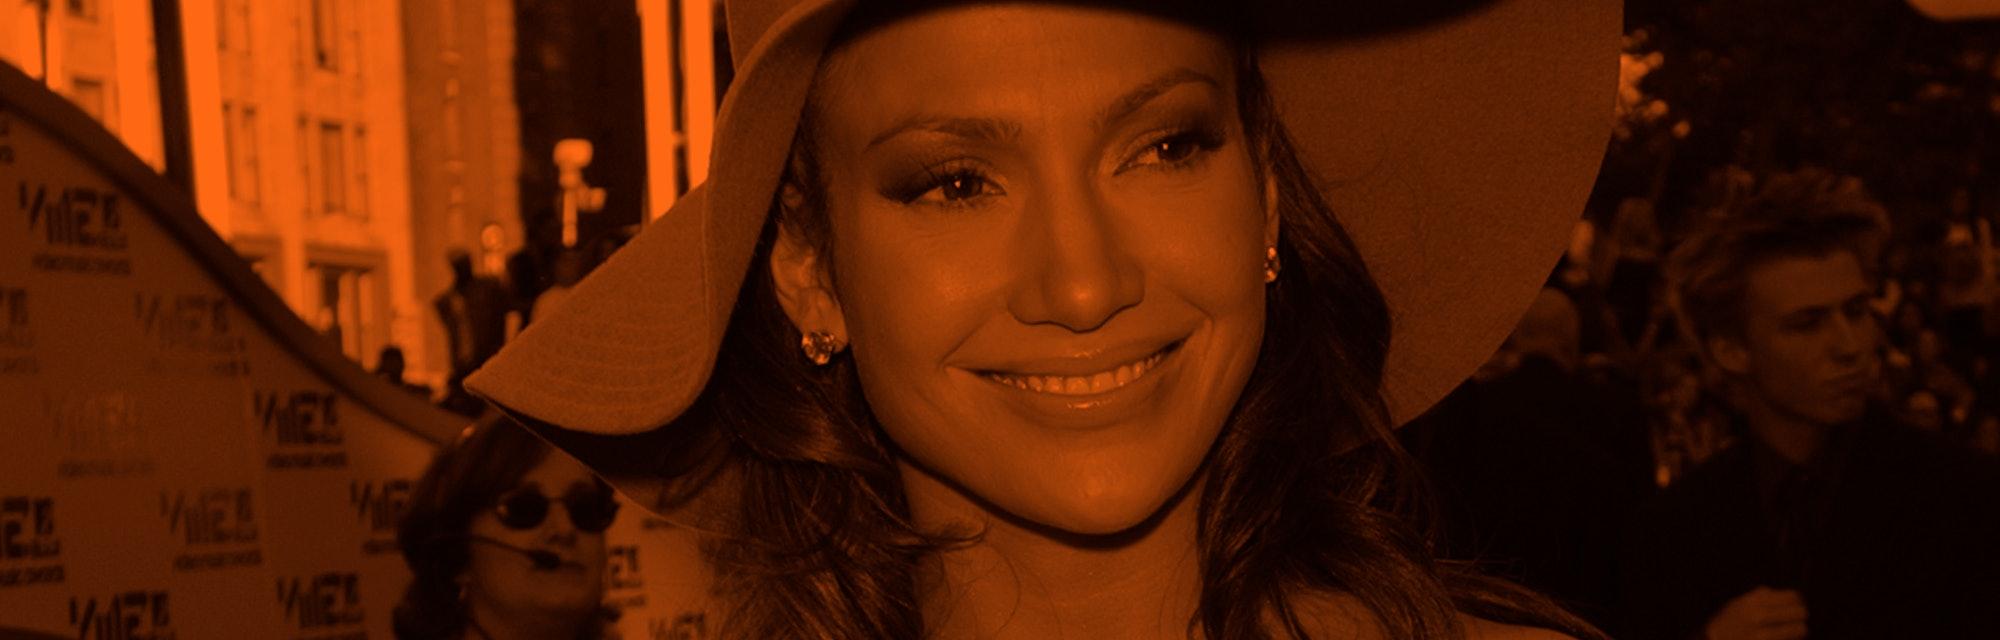 Jennifer Lopez (Photo by KMazur/WireImage)